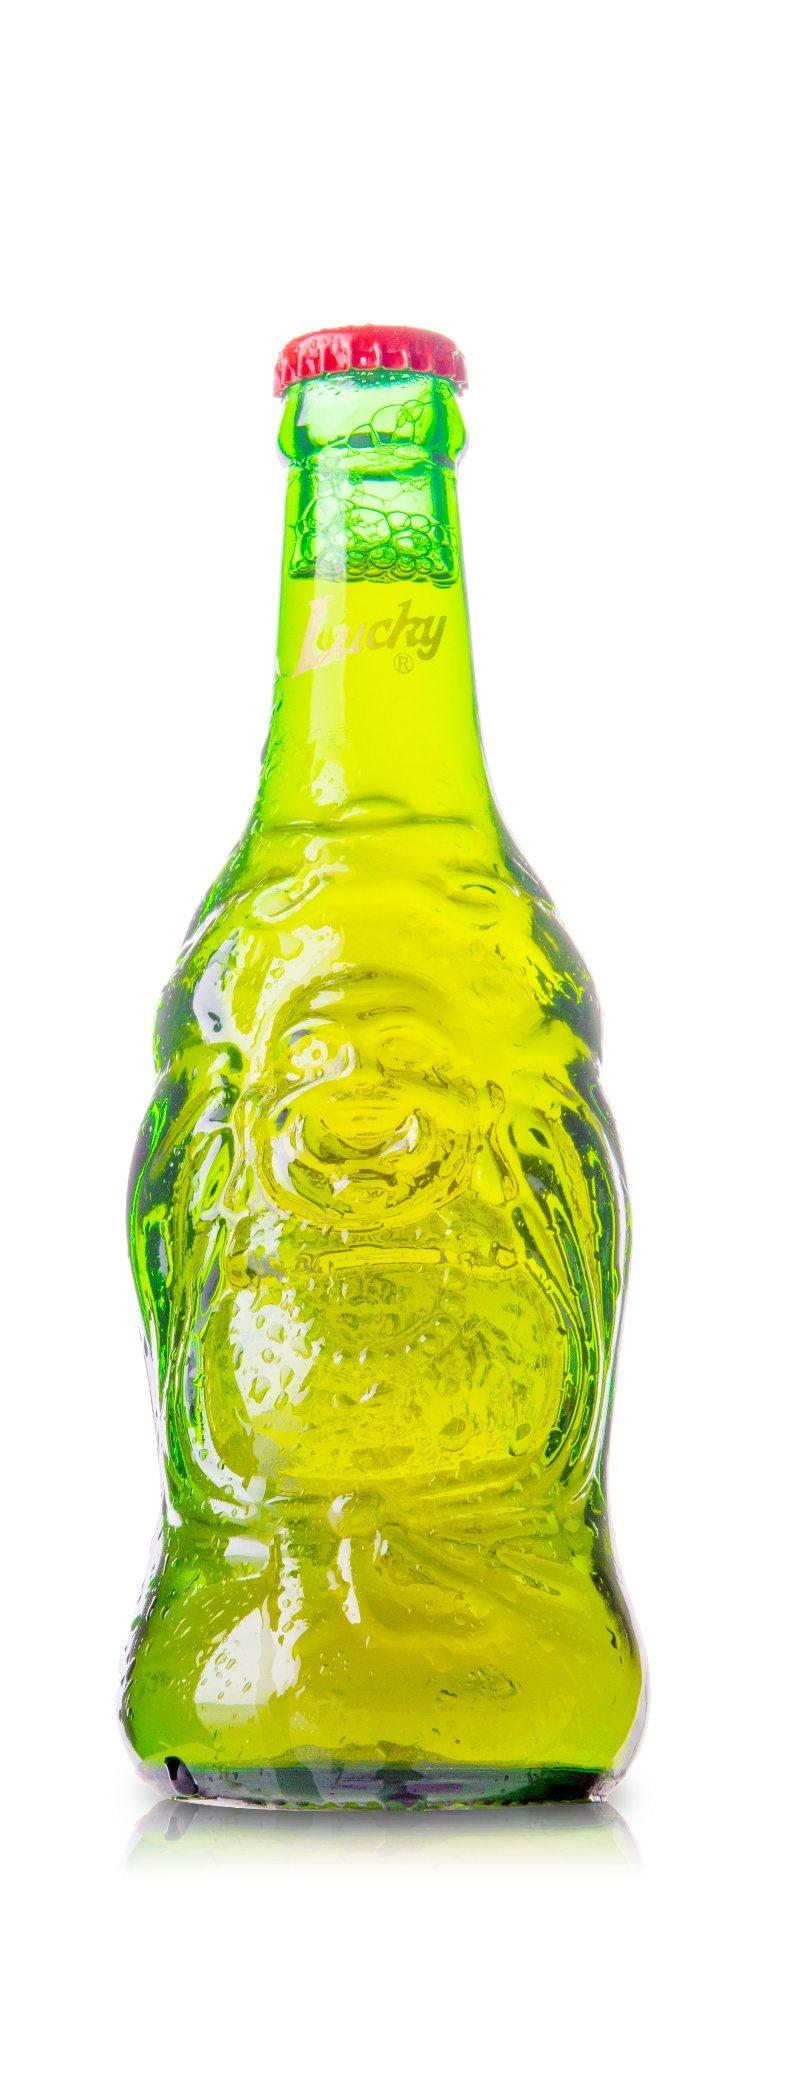 OEM Abv4.8% 330ml Lucky Brand Bottle Beer